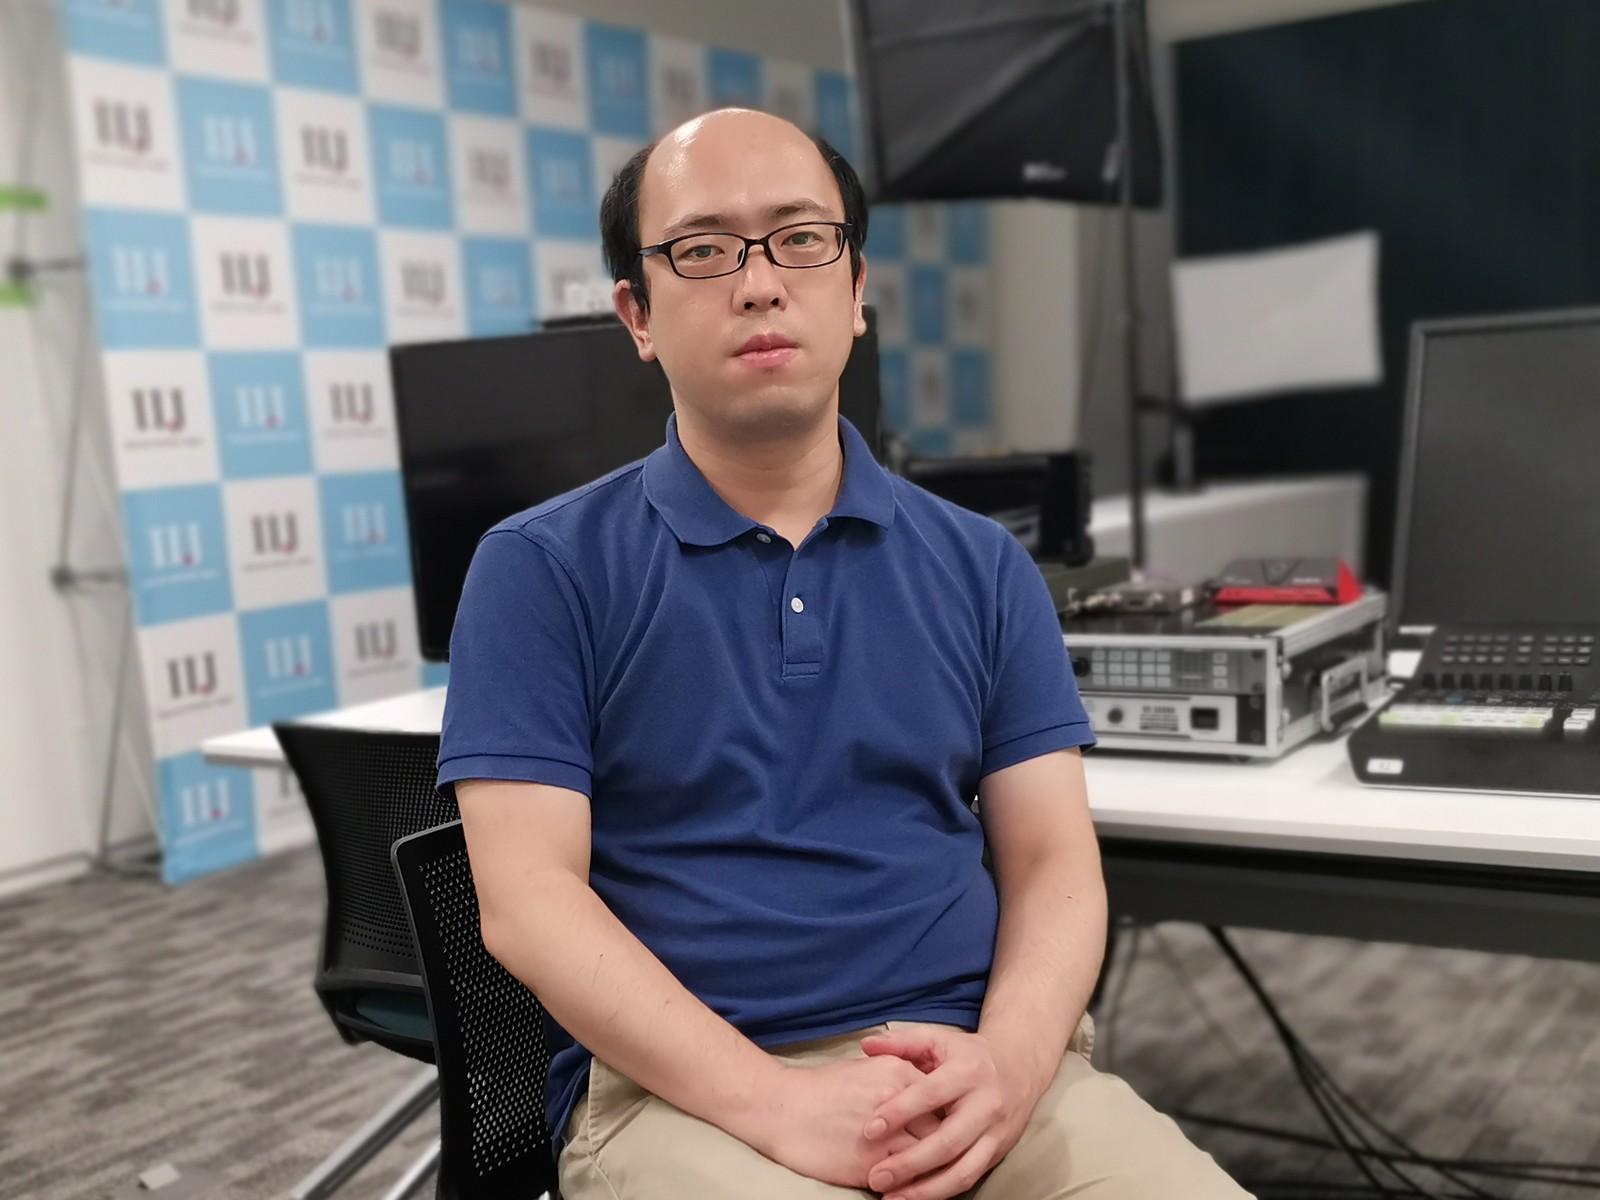 株式会社インターネットイニシアティブ(IIJ)広報部副部長兼MVNO事業部シニアエンジニアの堂前清隆氏。「IIJの顔の一人」だろう